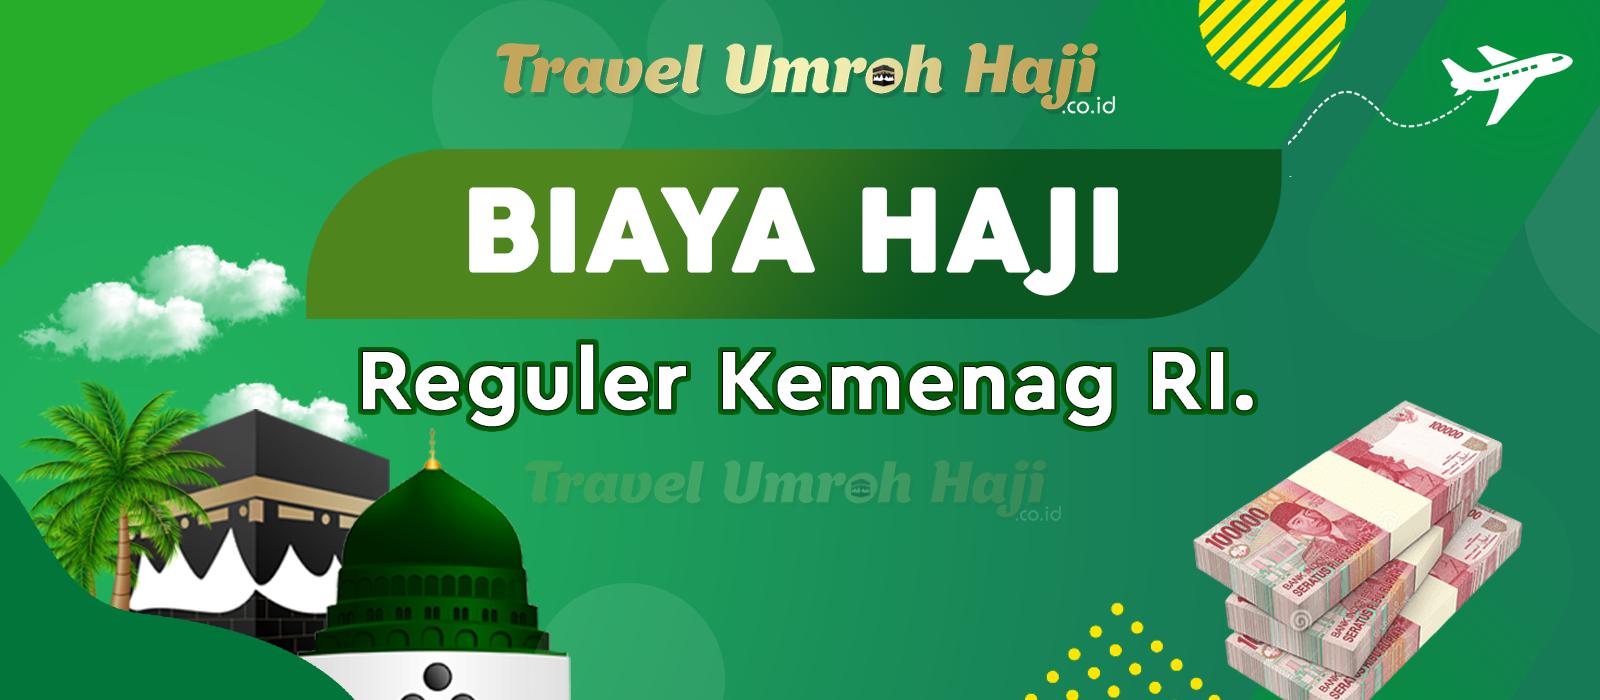 Biaya Paket Haji Reguler di atur sesuai Embarkasi Haji